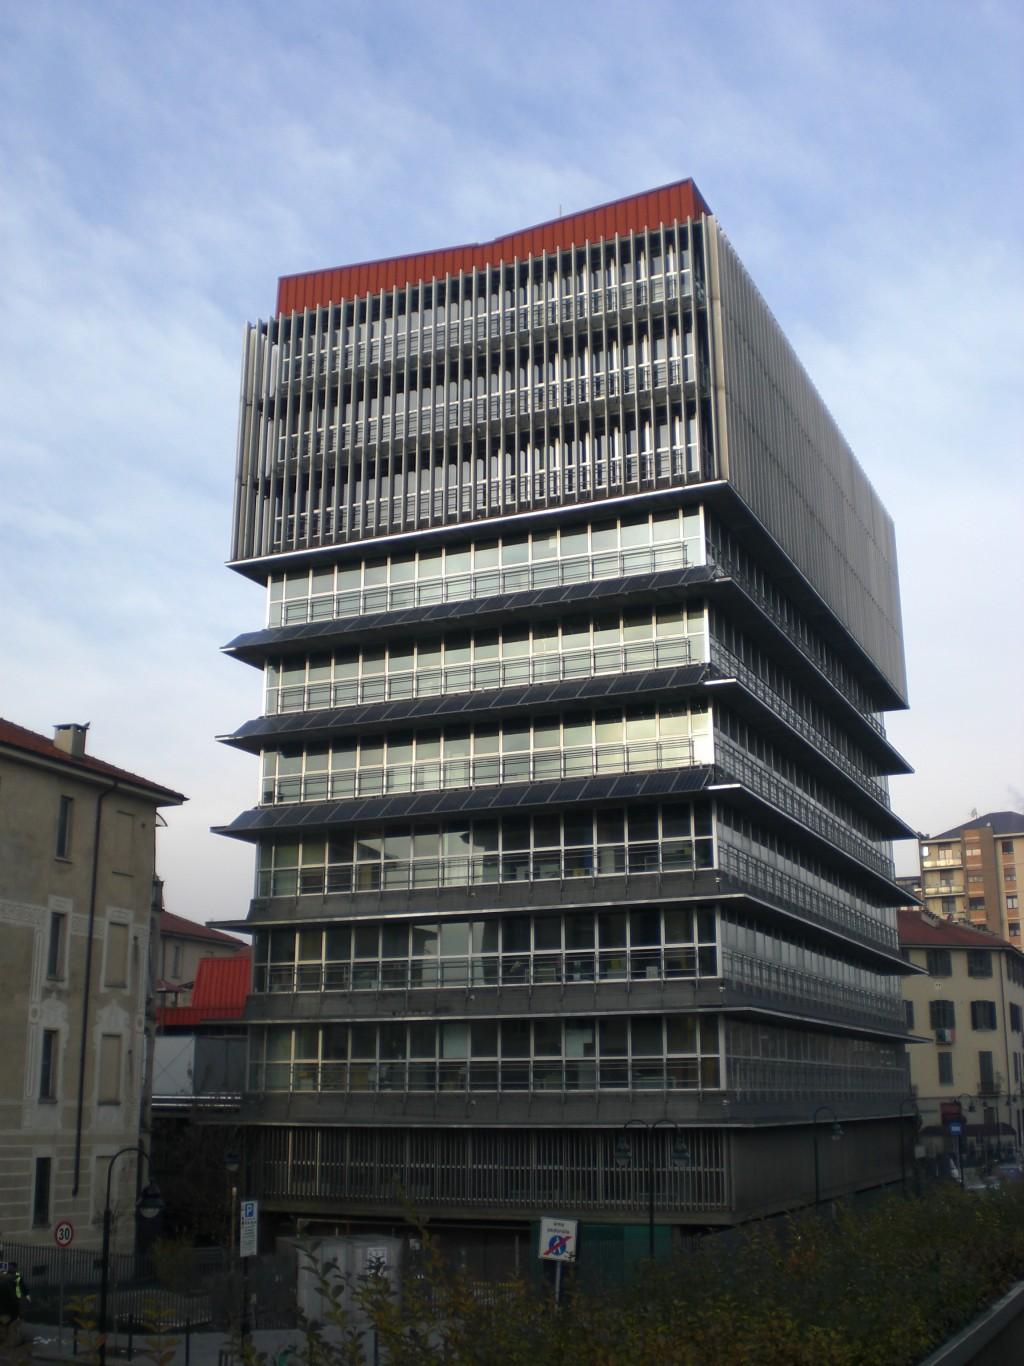 Agenzia territoriale per la casa della provincia di torino atc torino museotorino - La casa della lampadina torino ...